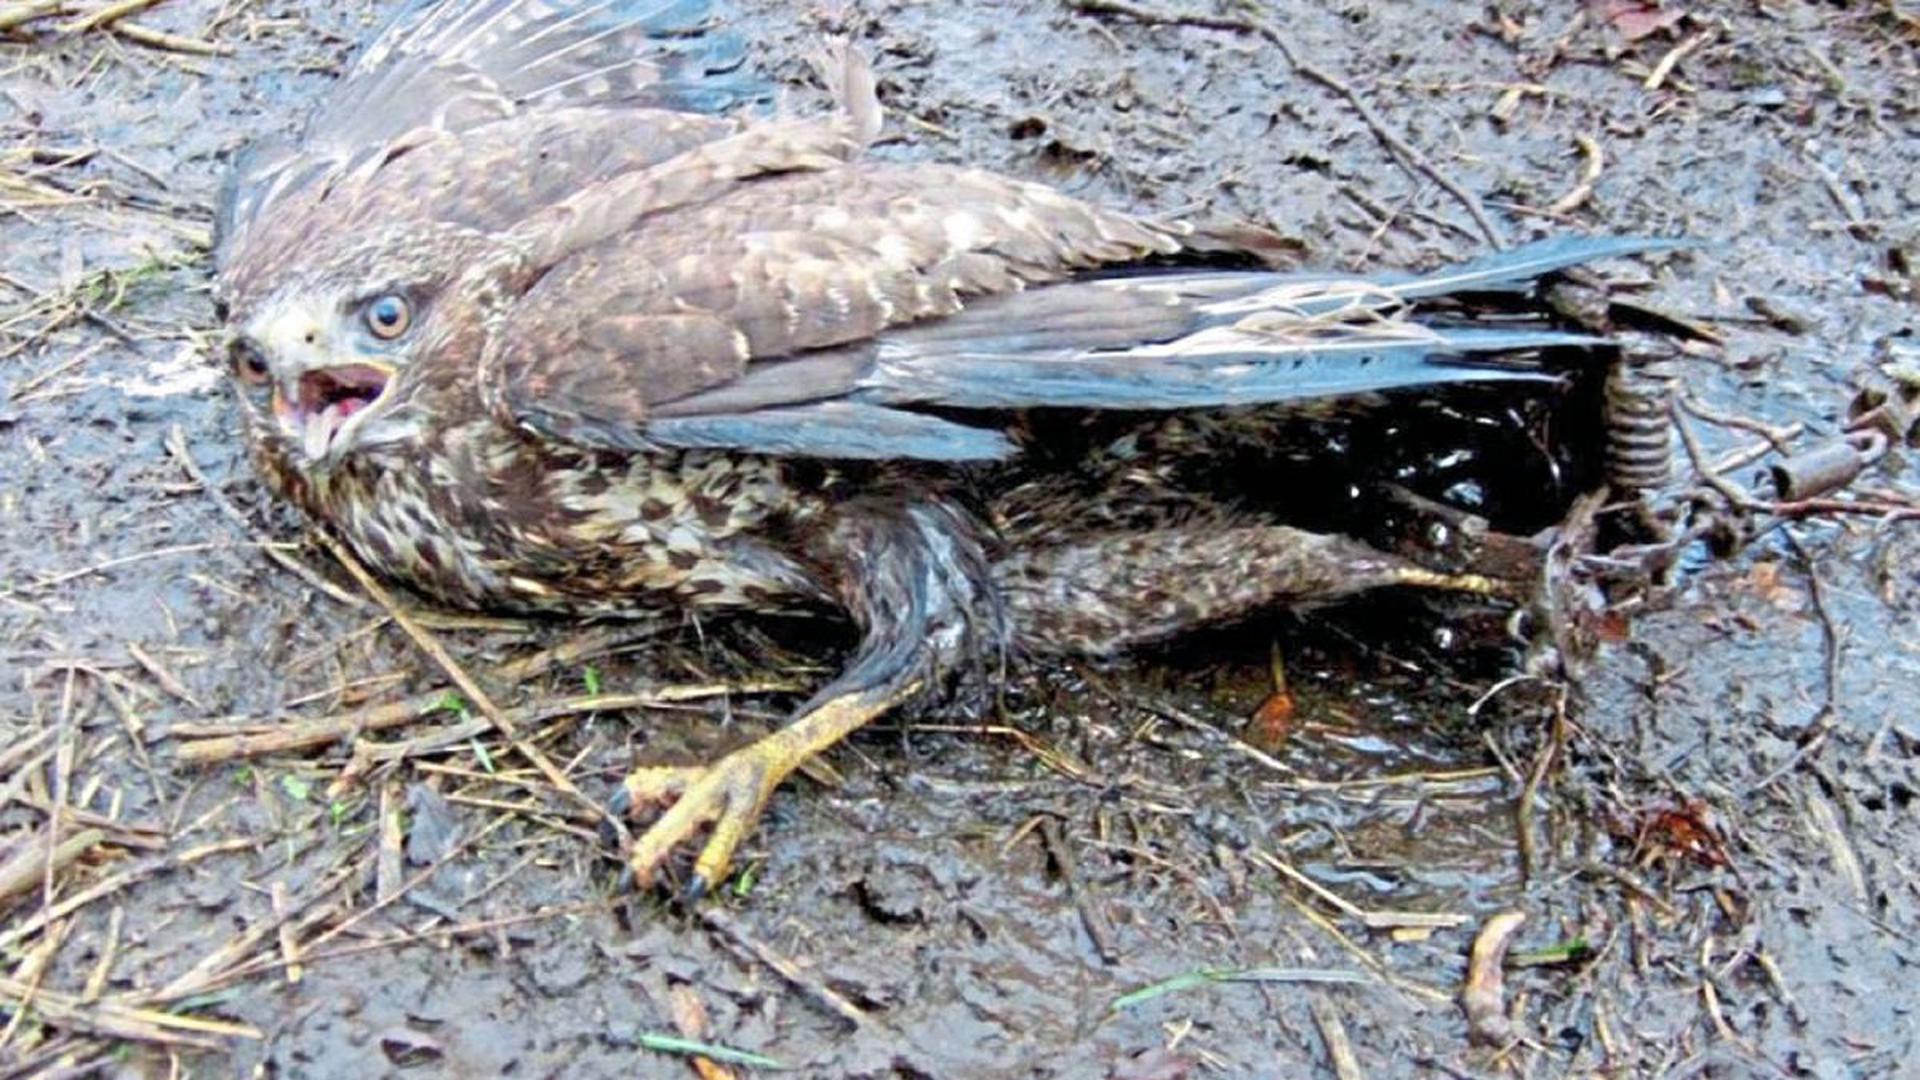 Gefangen in einem Tellereisen ist dieser Bussard. Die Greifvögel sterben öfter auch durch vergiftete Köder am Boden.